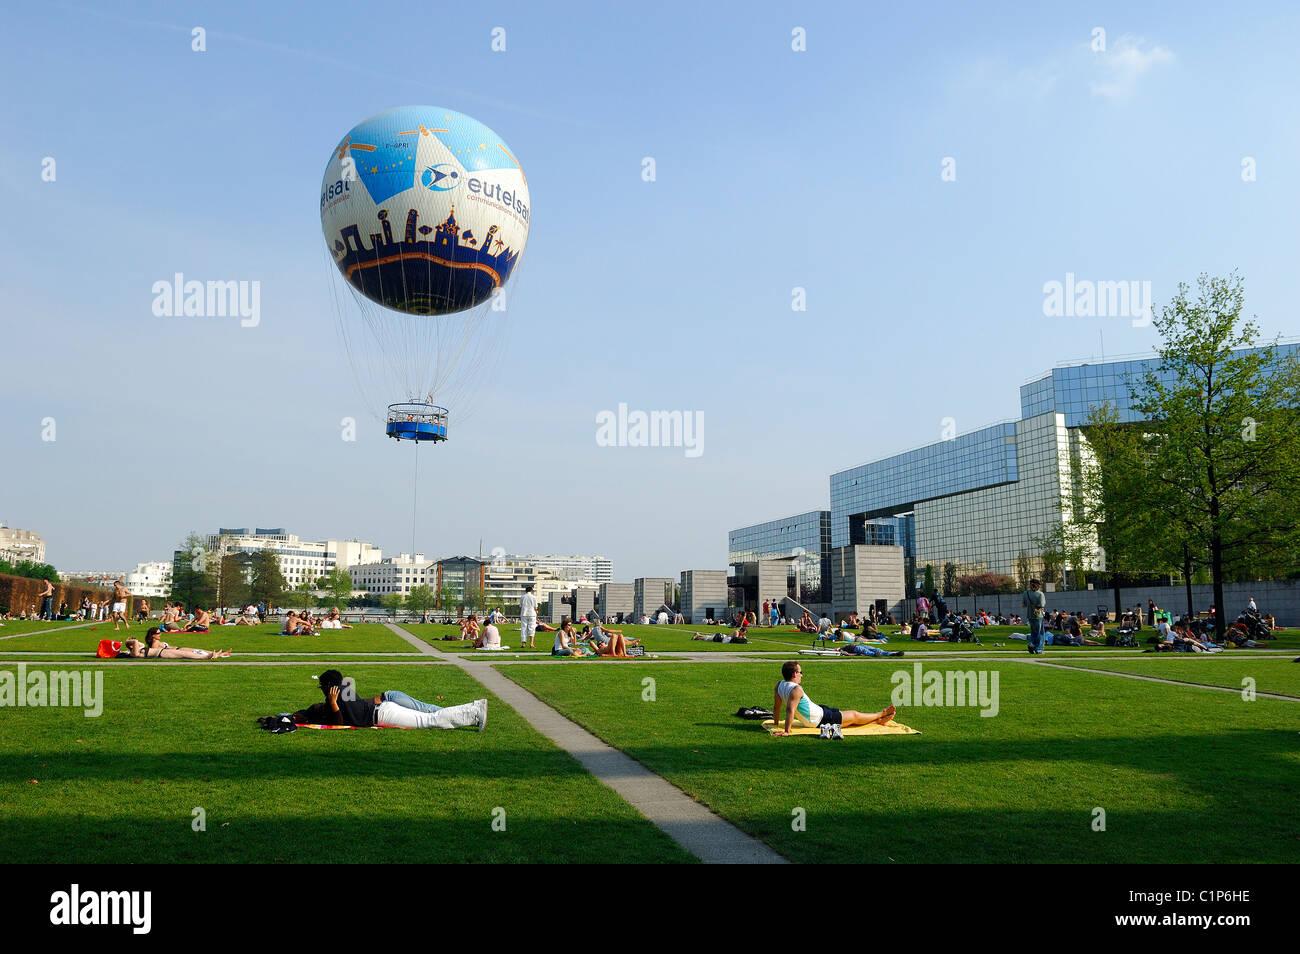 France, Paris, Parc Andre Citroen, Eutelsat hot air balloon Stock ...